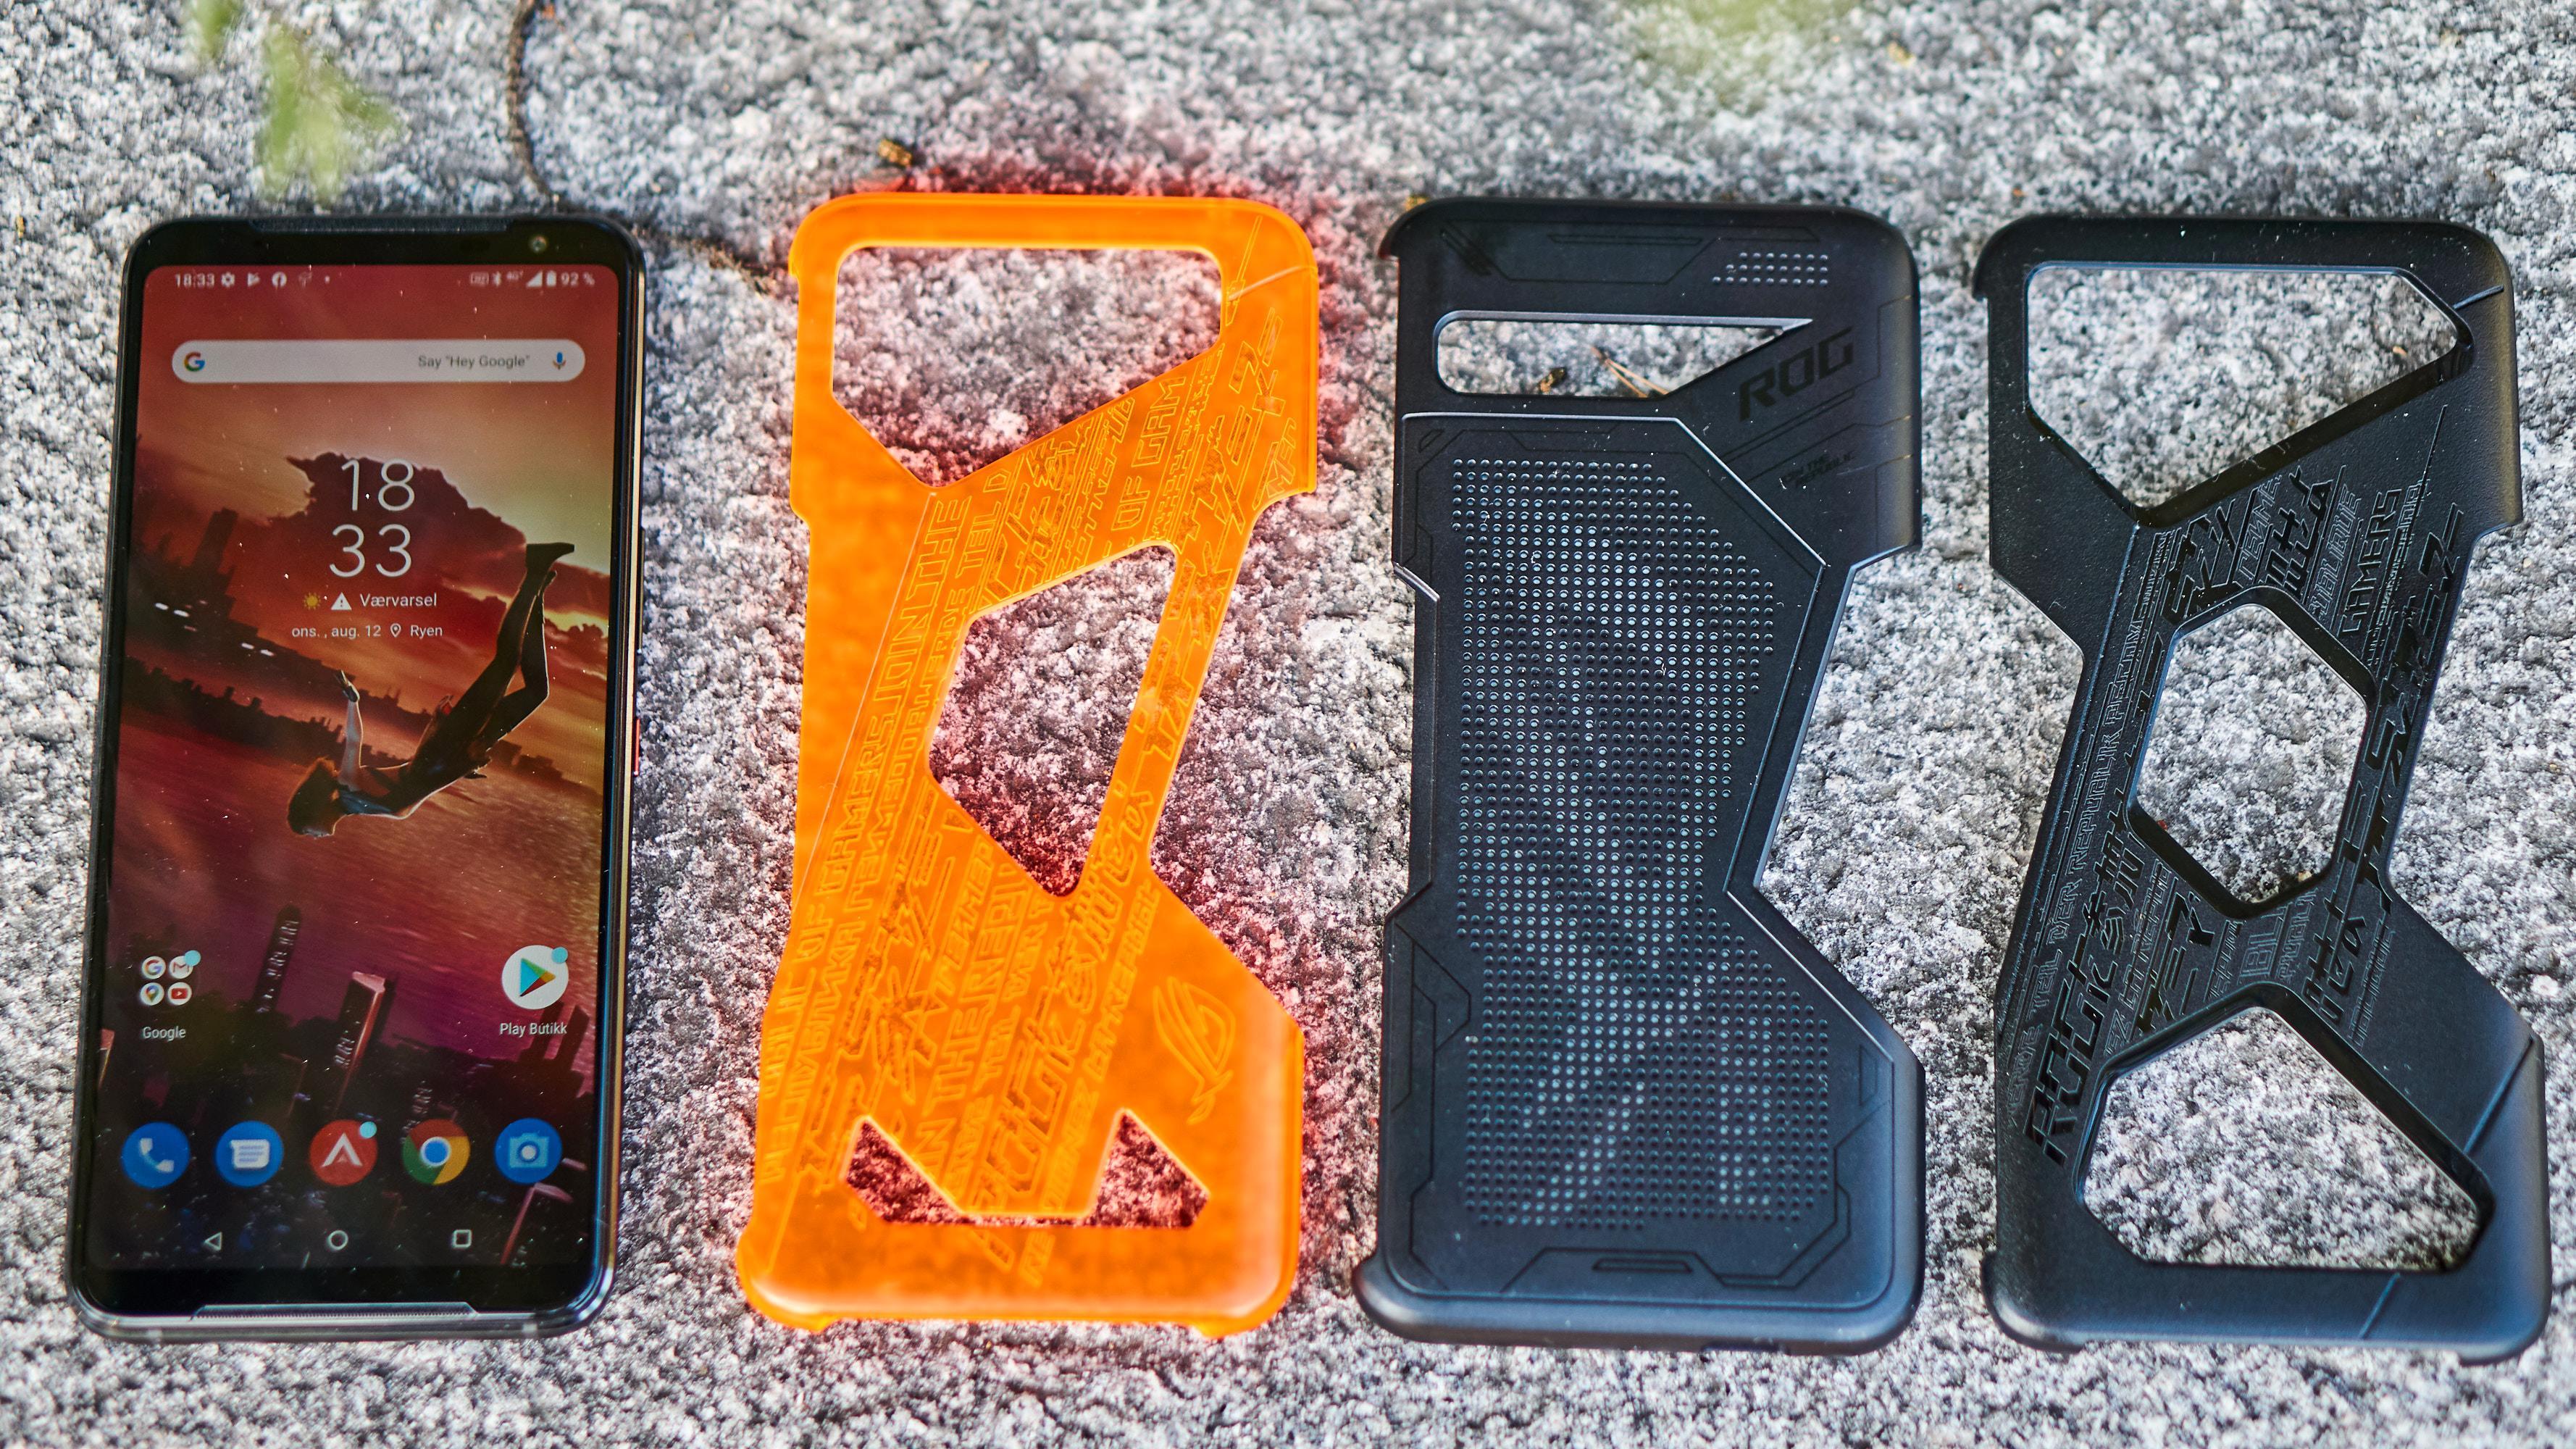 Det er en rekke deksler du kan kjøpe til ROG Phone 3. Det midterste har LED-lys bakpå.